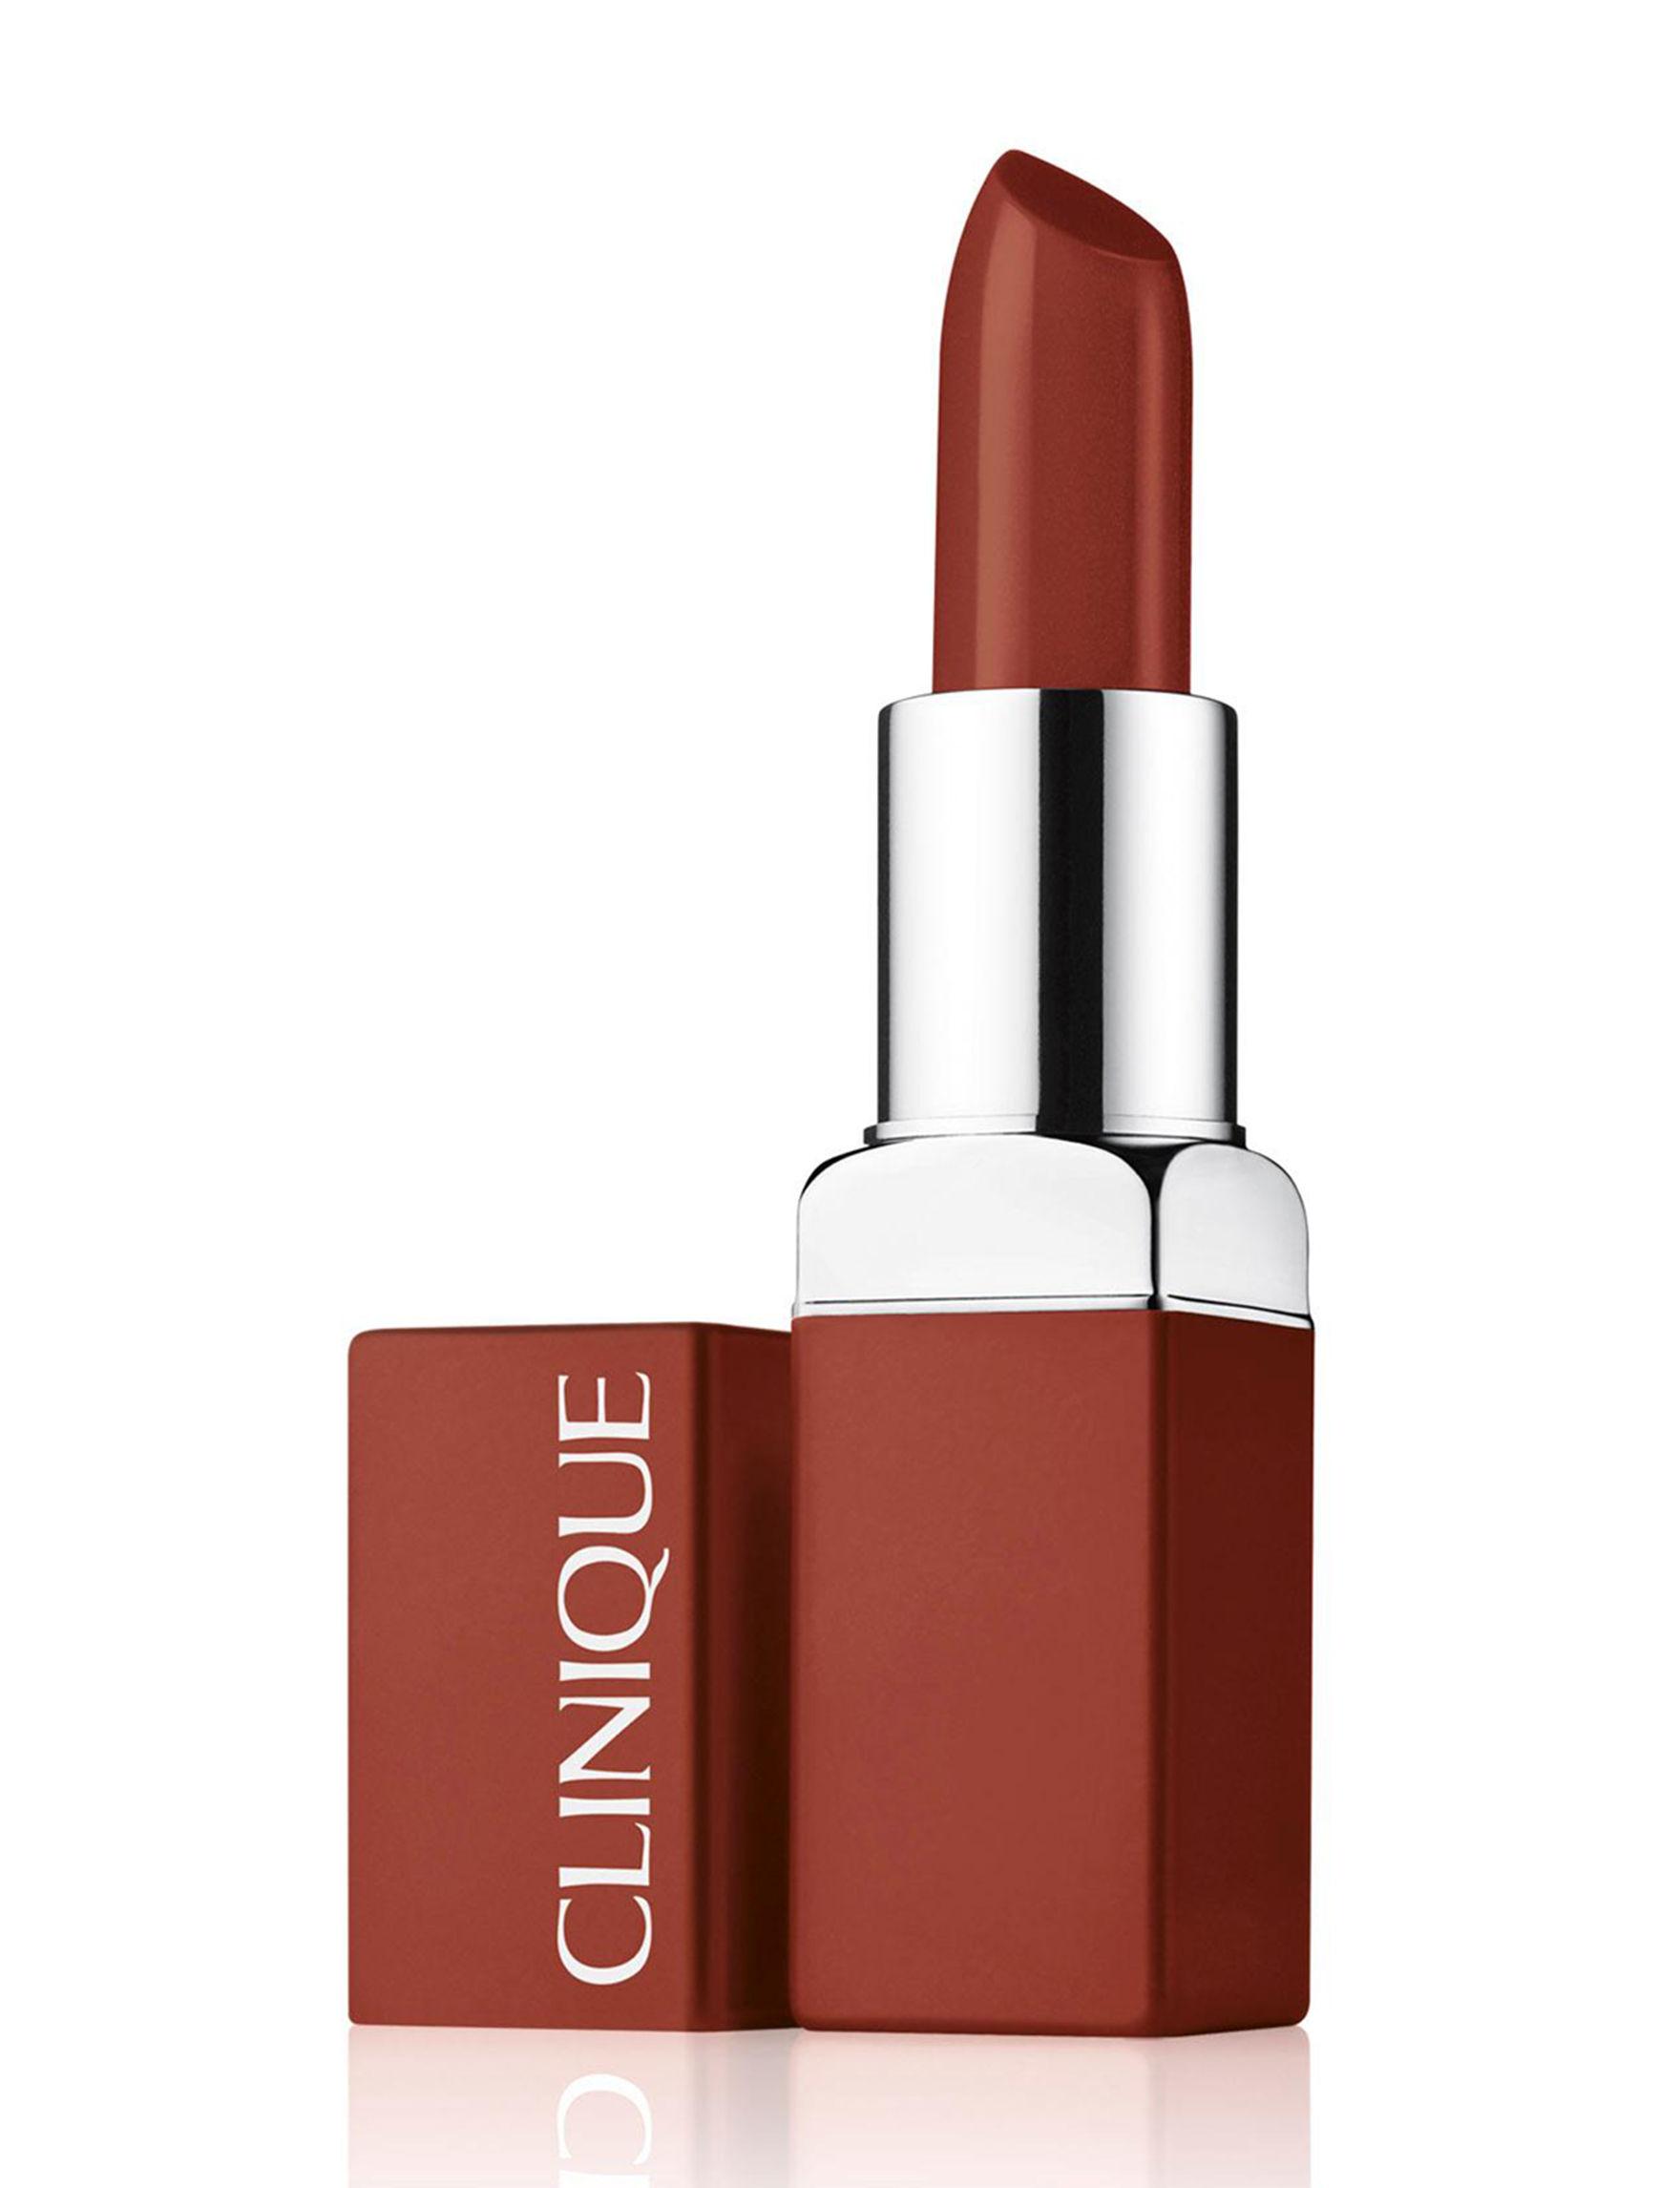 Clinique Tickled Lips Lipstick